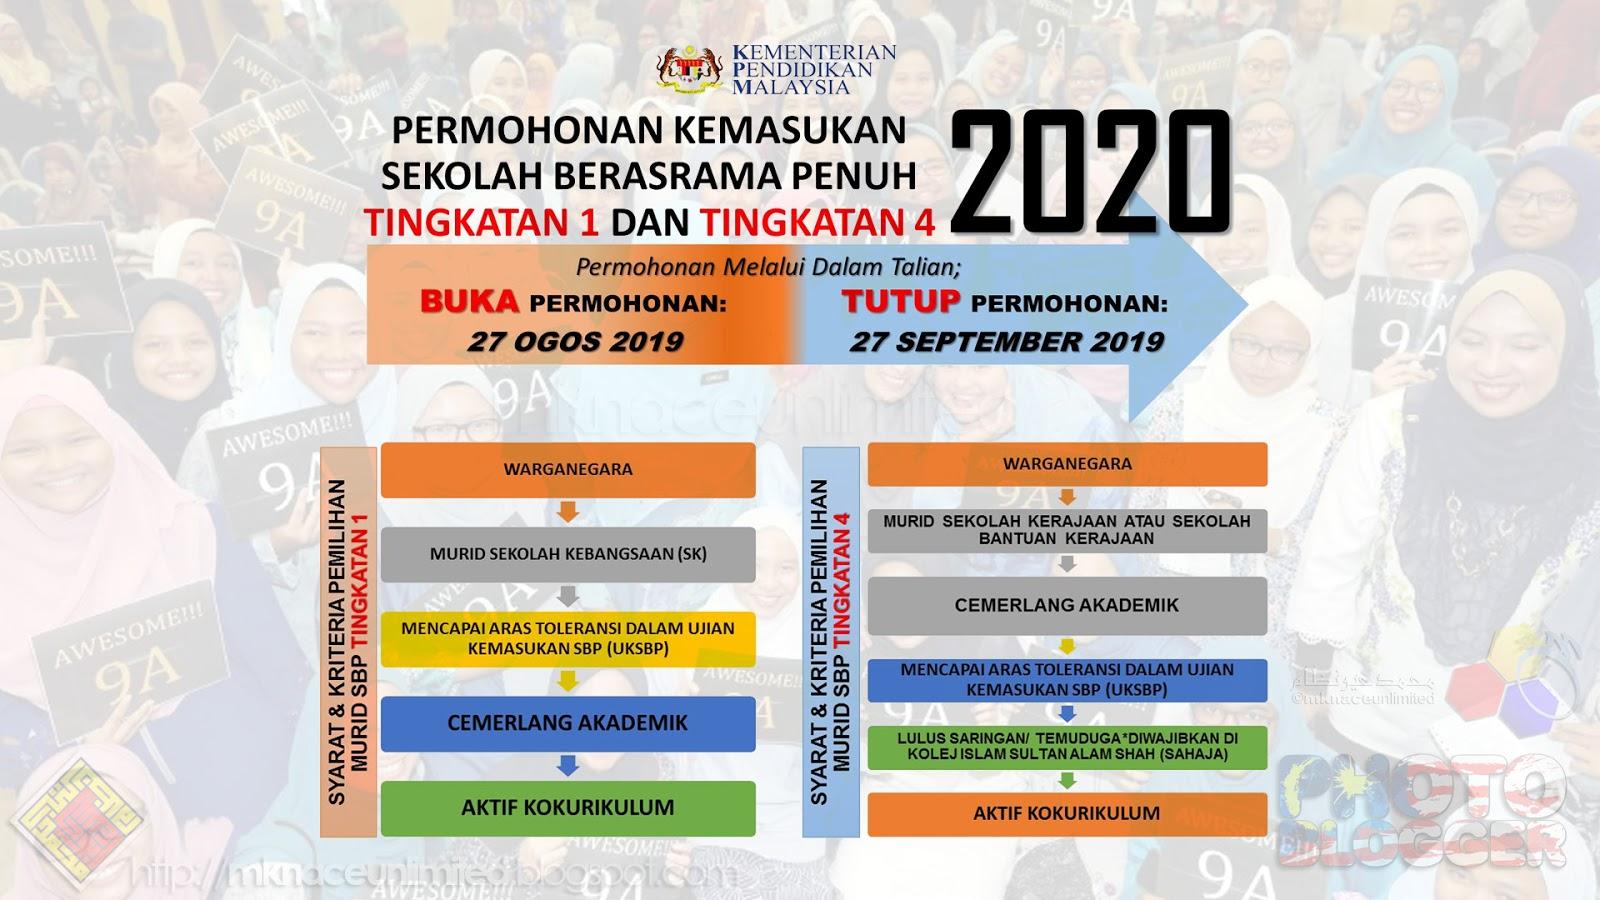 Permohonan Kemasukan Sekolah Berasrama Penuh Tingkatan 1 Dan Tingkatan 4 Tahun 2020